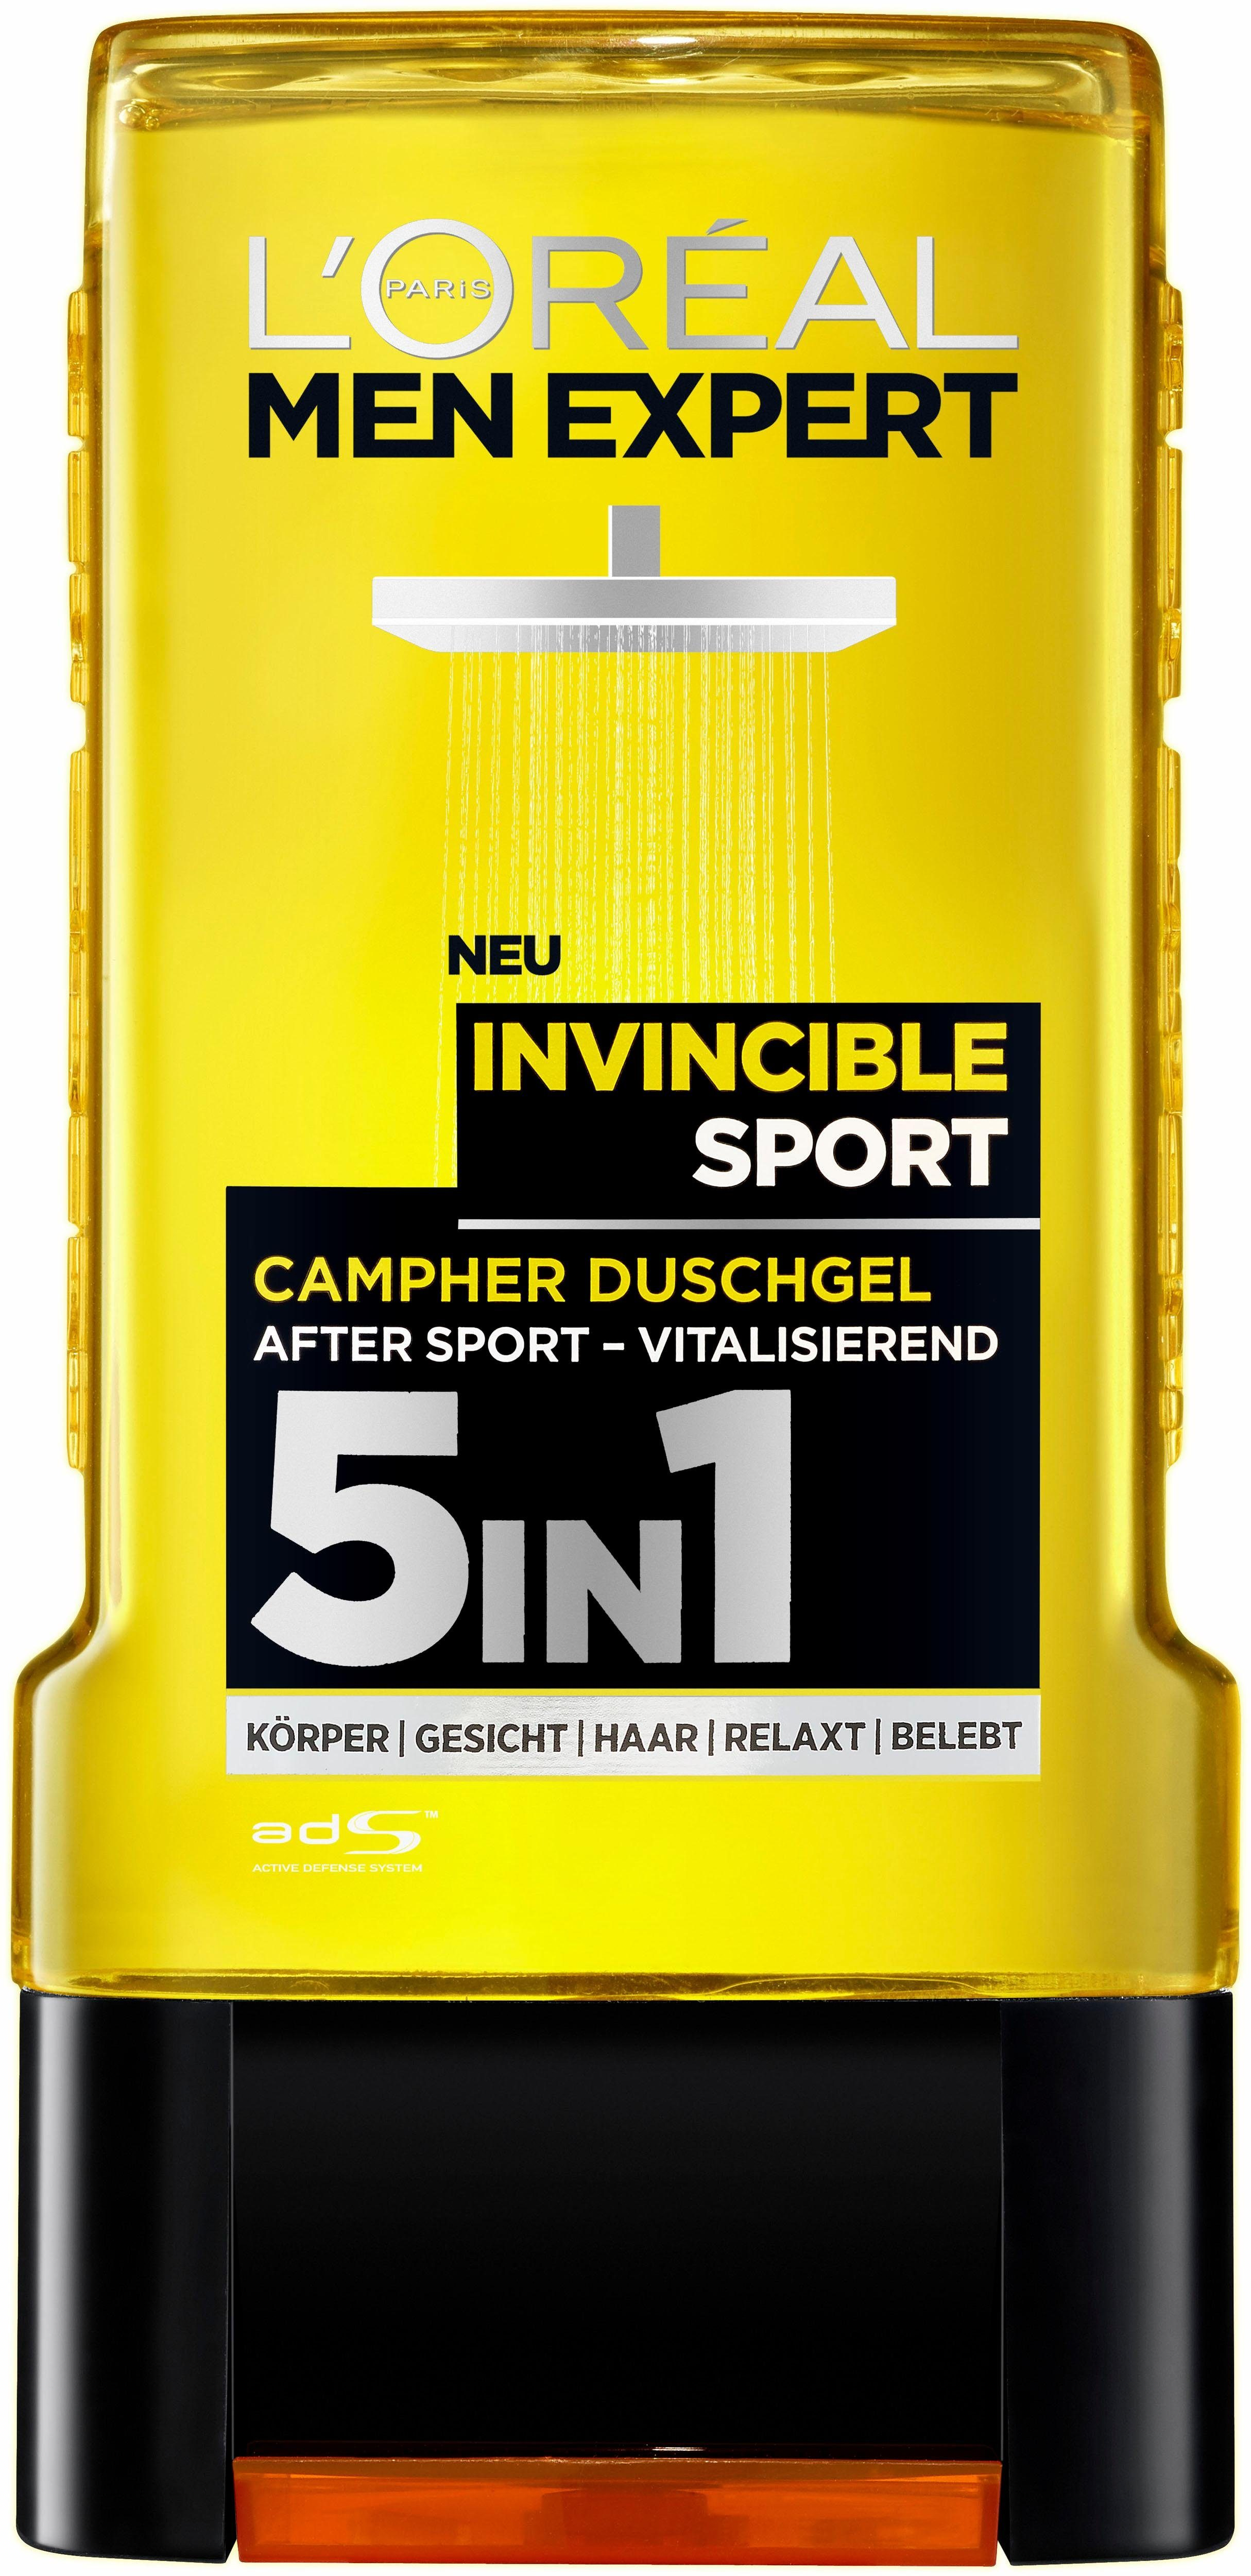 L'Oréal Paris Men Expert, »Men Expert Duschgel Invincible Sport«, Duschgel